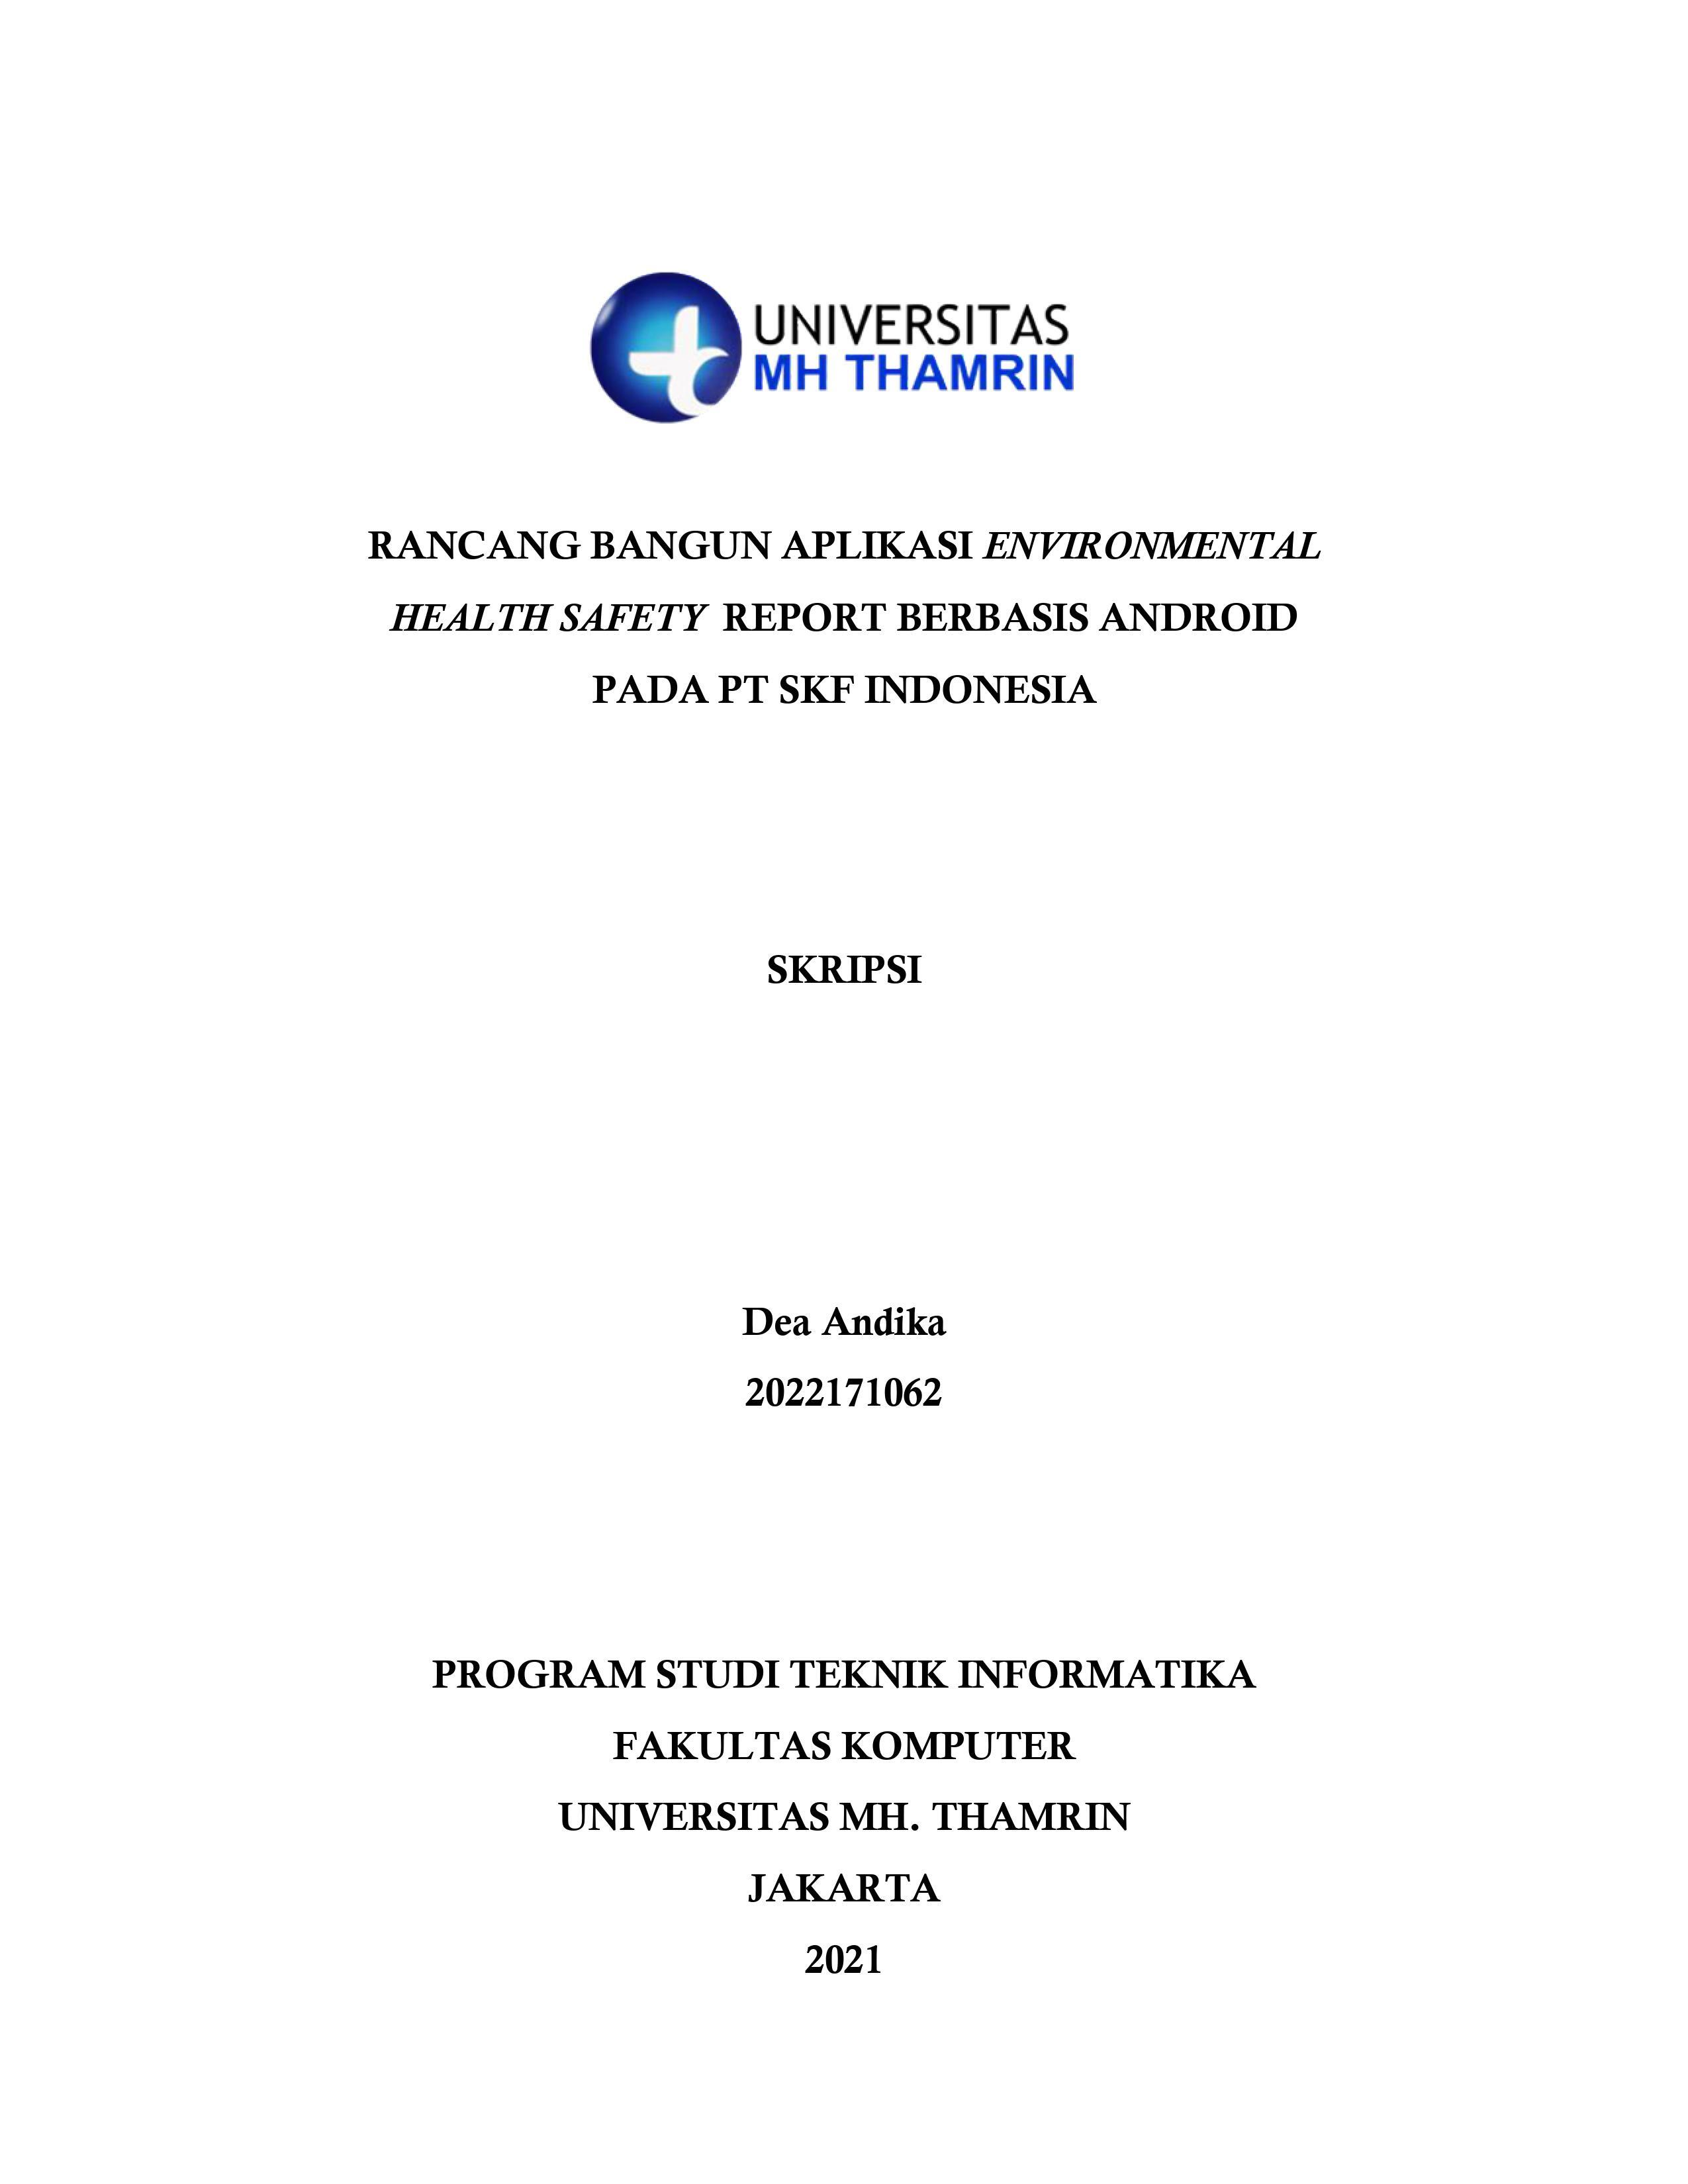 RANCANG BANGUN APLIKASI ENVIRONMENTAL HEALTH SAFETY REPORT BERBASIS ANDROID PADA PT SKF INDONESIA